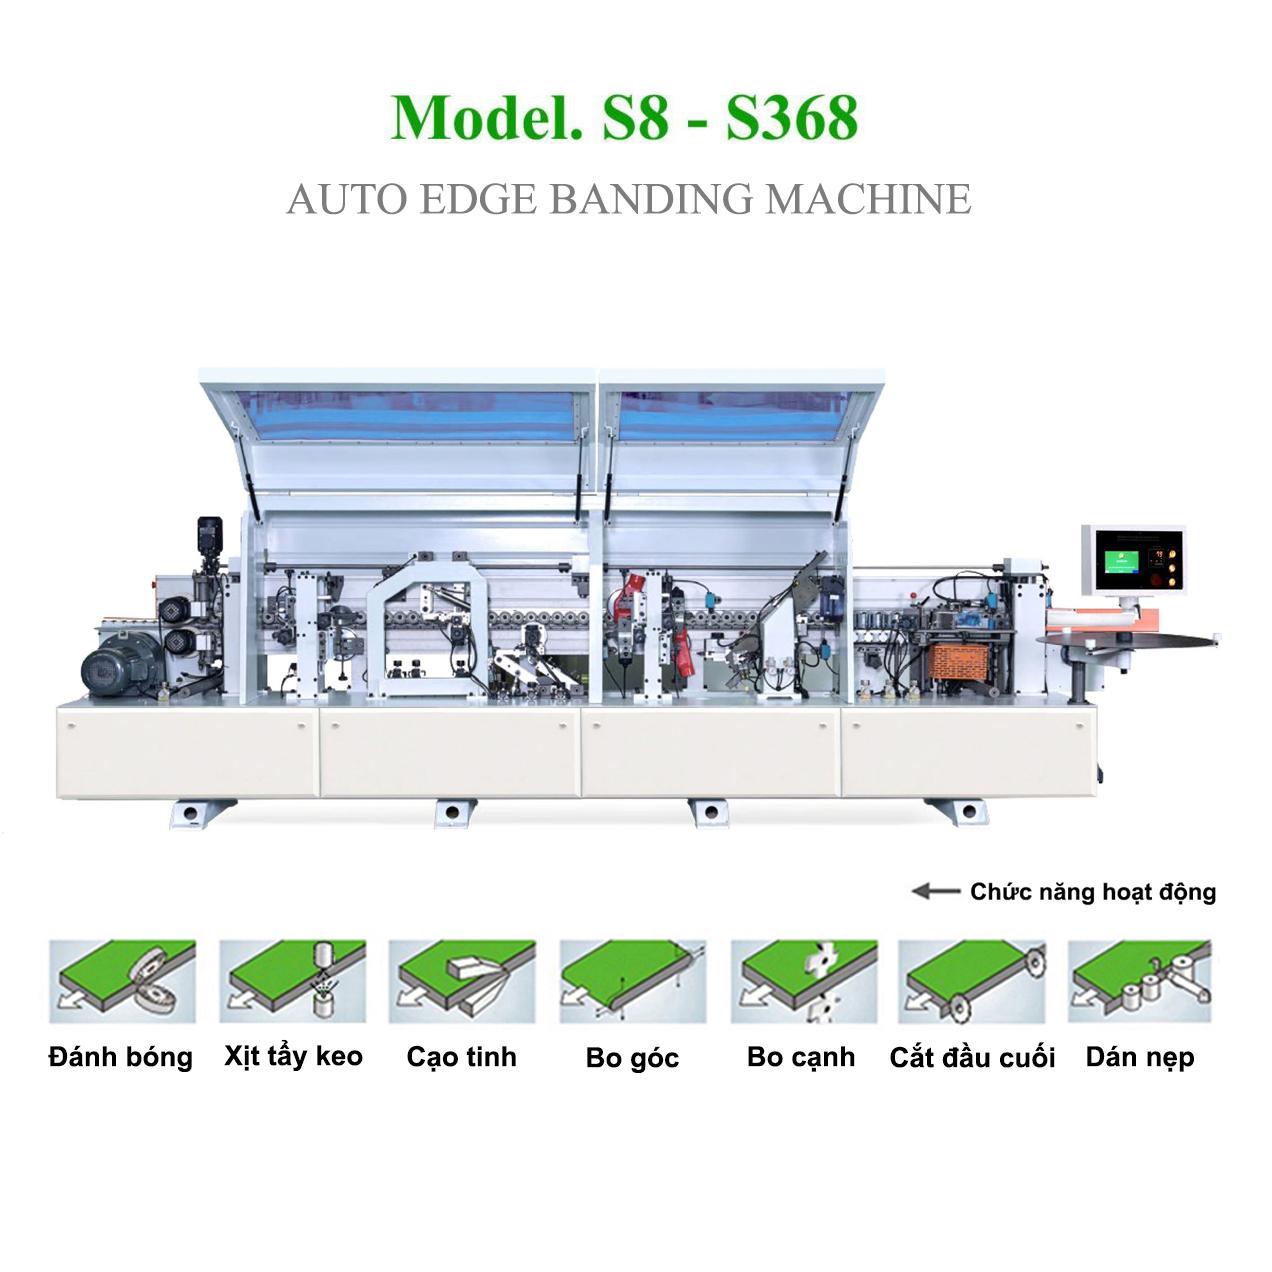 Máy dán cạnh tự động 7 chức năng S8 - S368